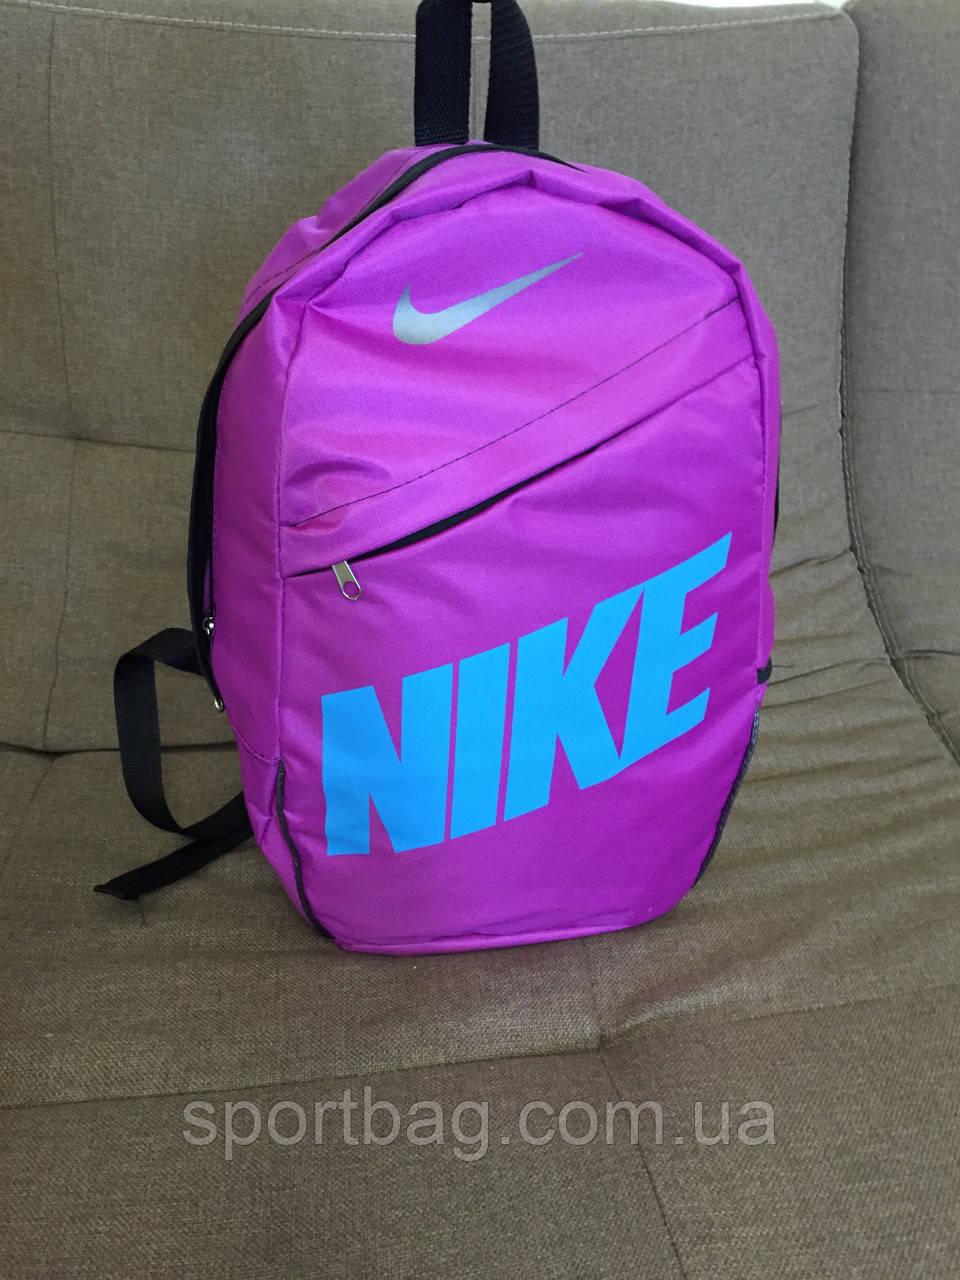 e3528d29ac85 Рюкзак женский Nike - Интернет-магазин Sportbag.com.ua Украина в Харькове